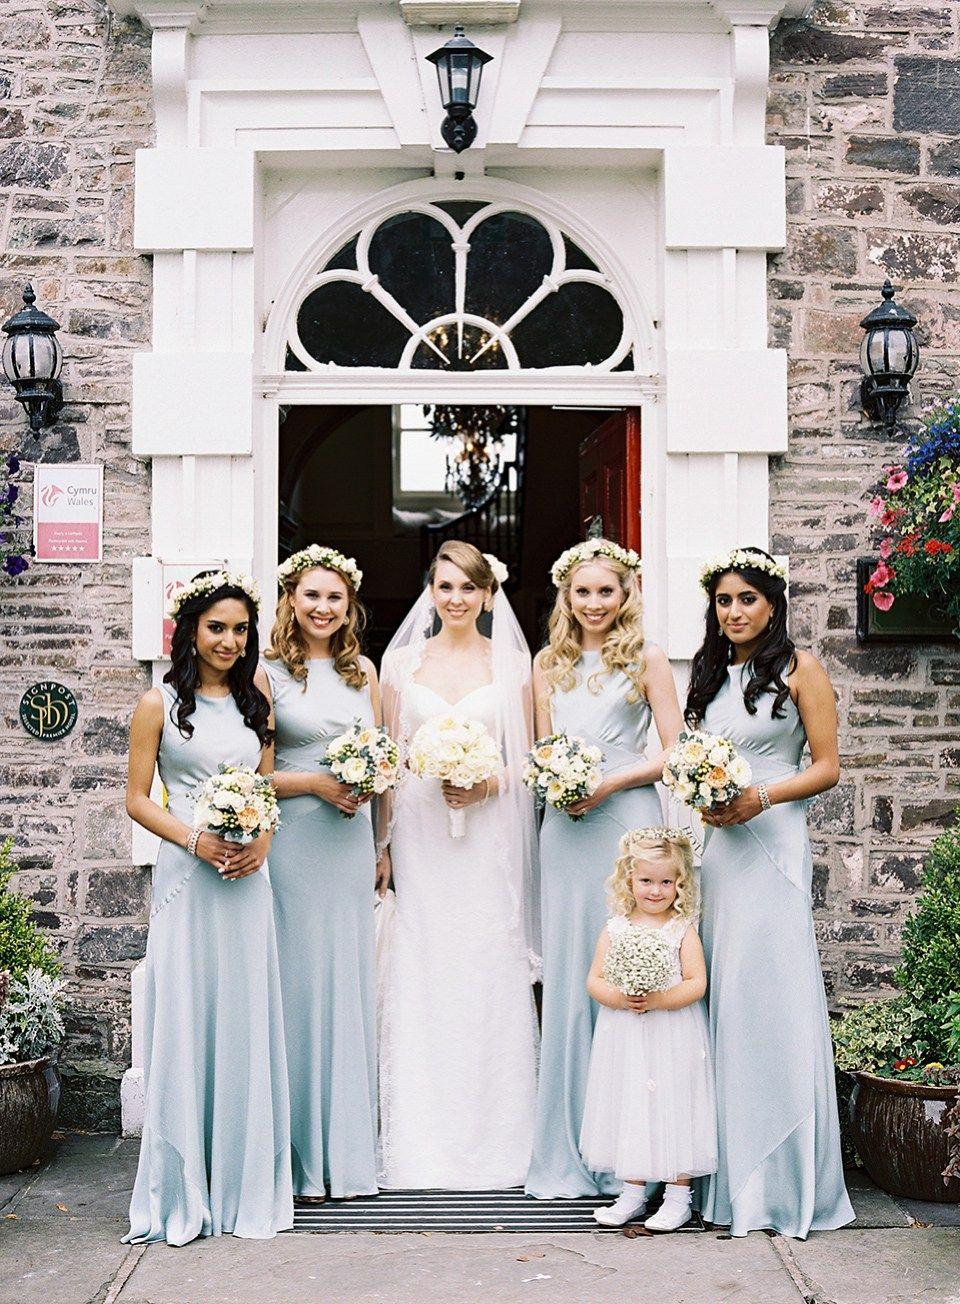 Stephanie allin elegance for a summer wedding in wales dresses